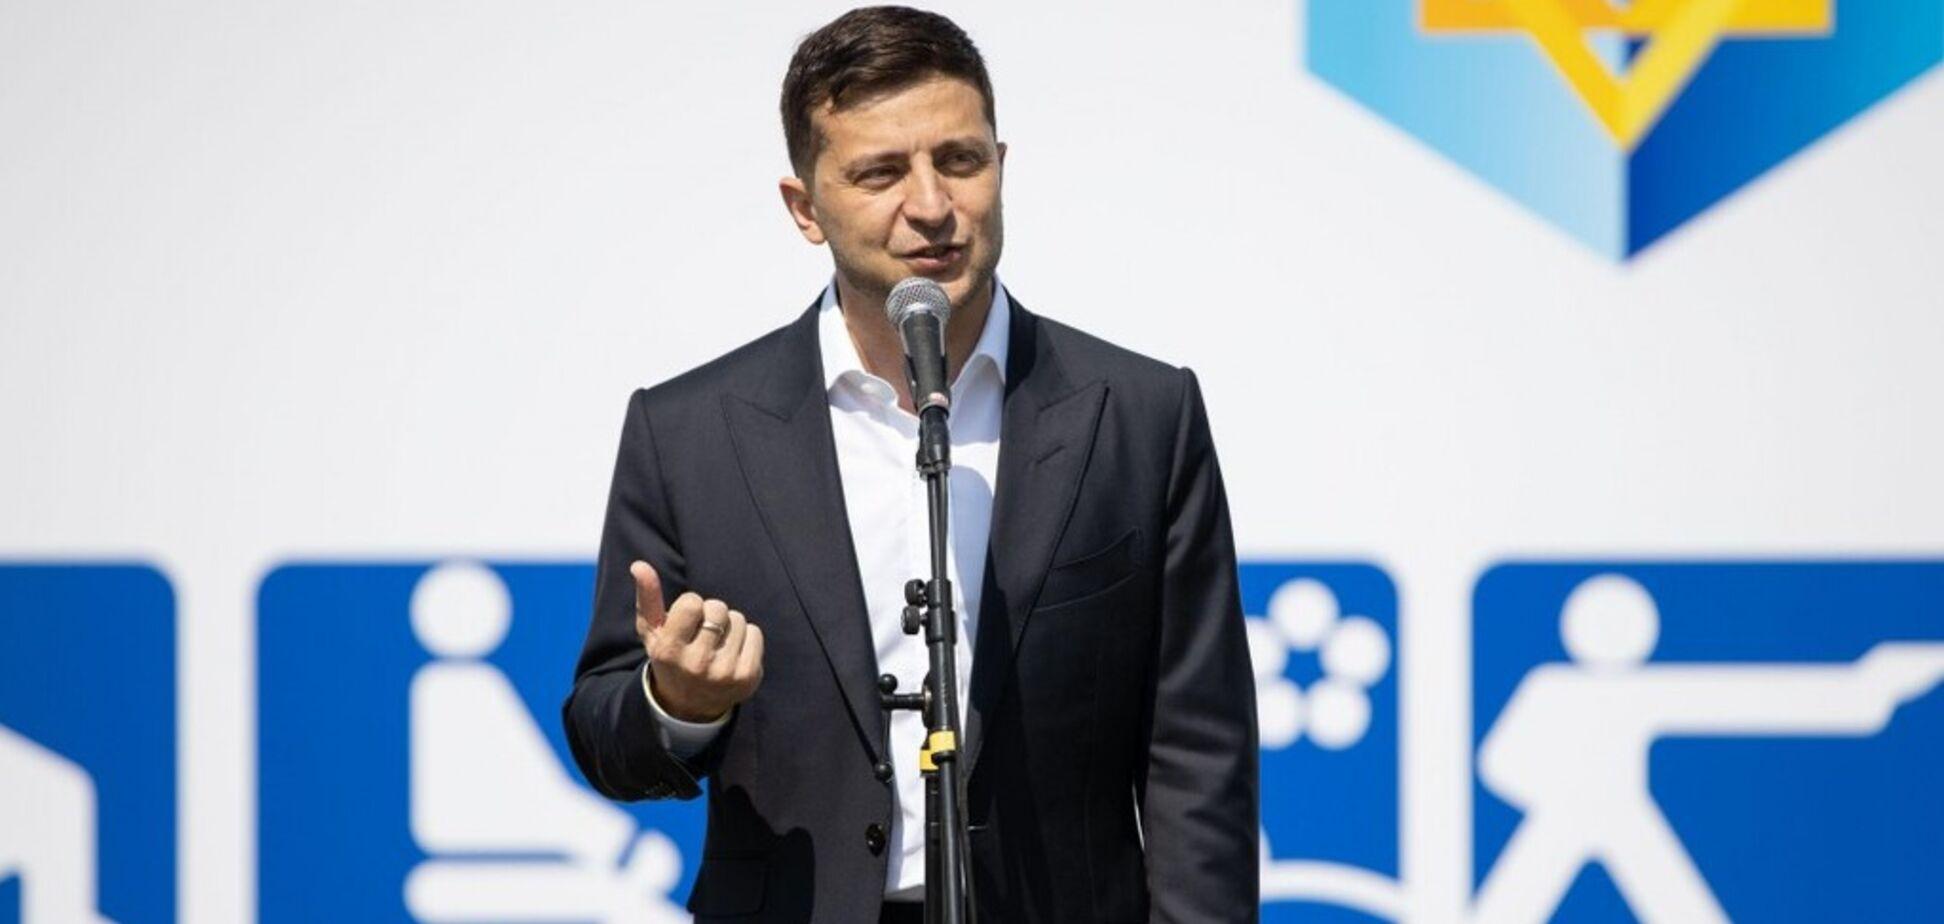 'А на парад денег нет?' Зеленского распекли за идею проведения Олимпиады в Украине